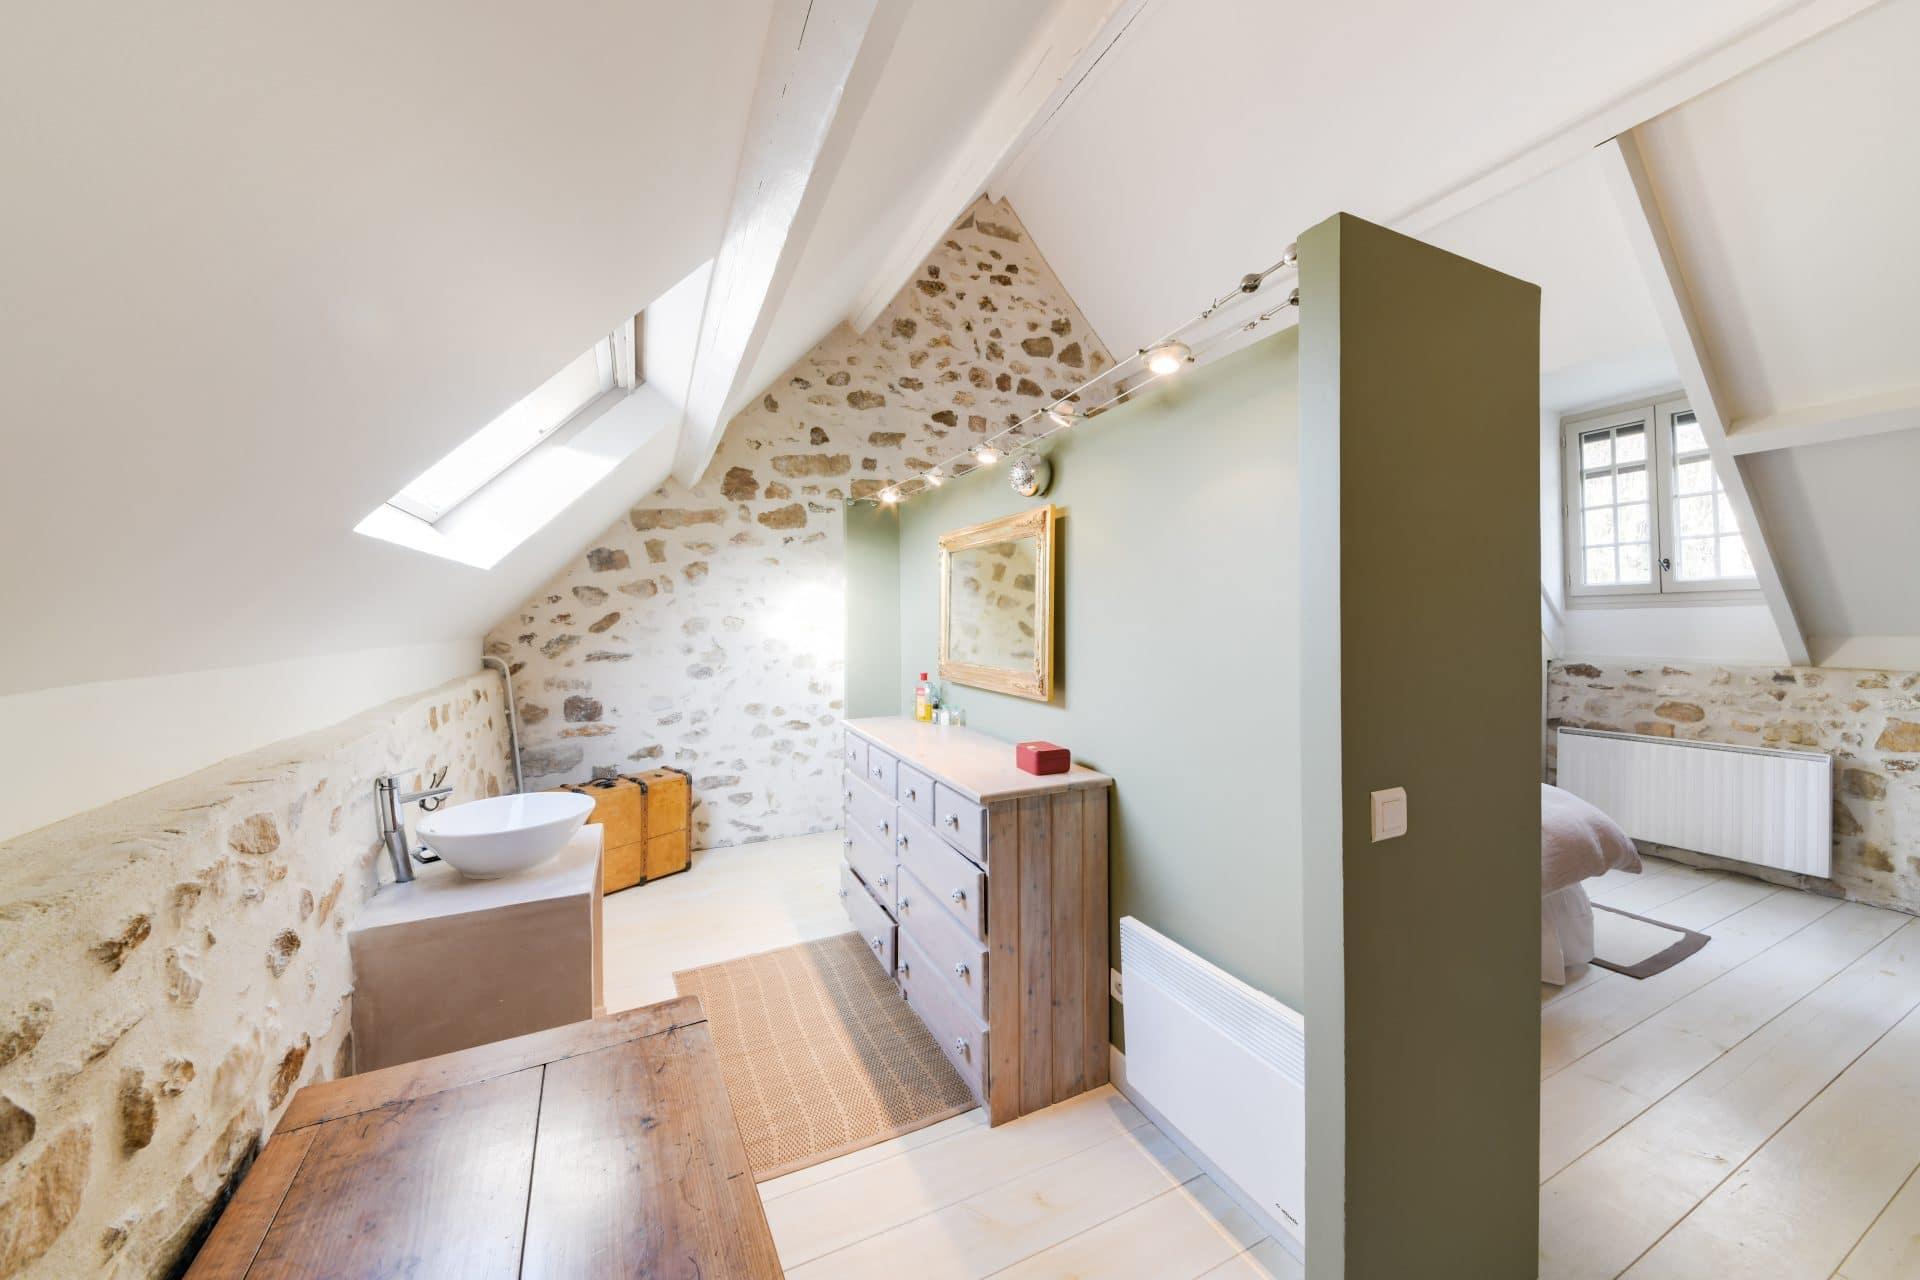 Rénovation Salle de Bain : Guide, Prix au m2 et Devis ...